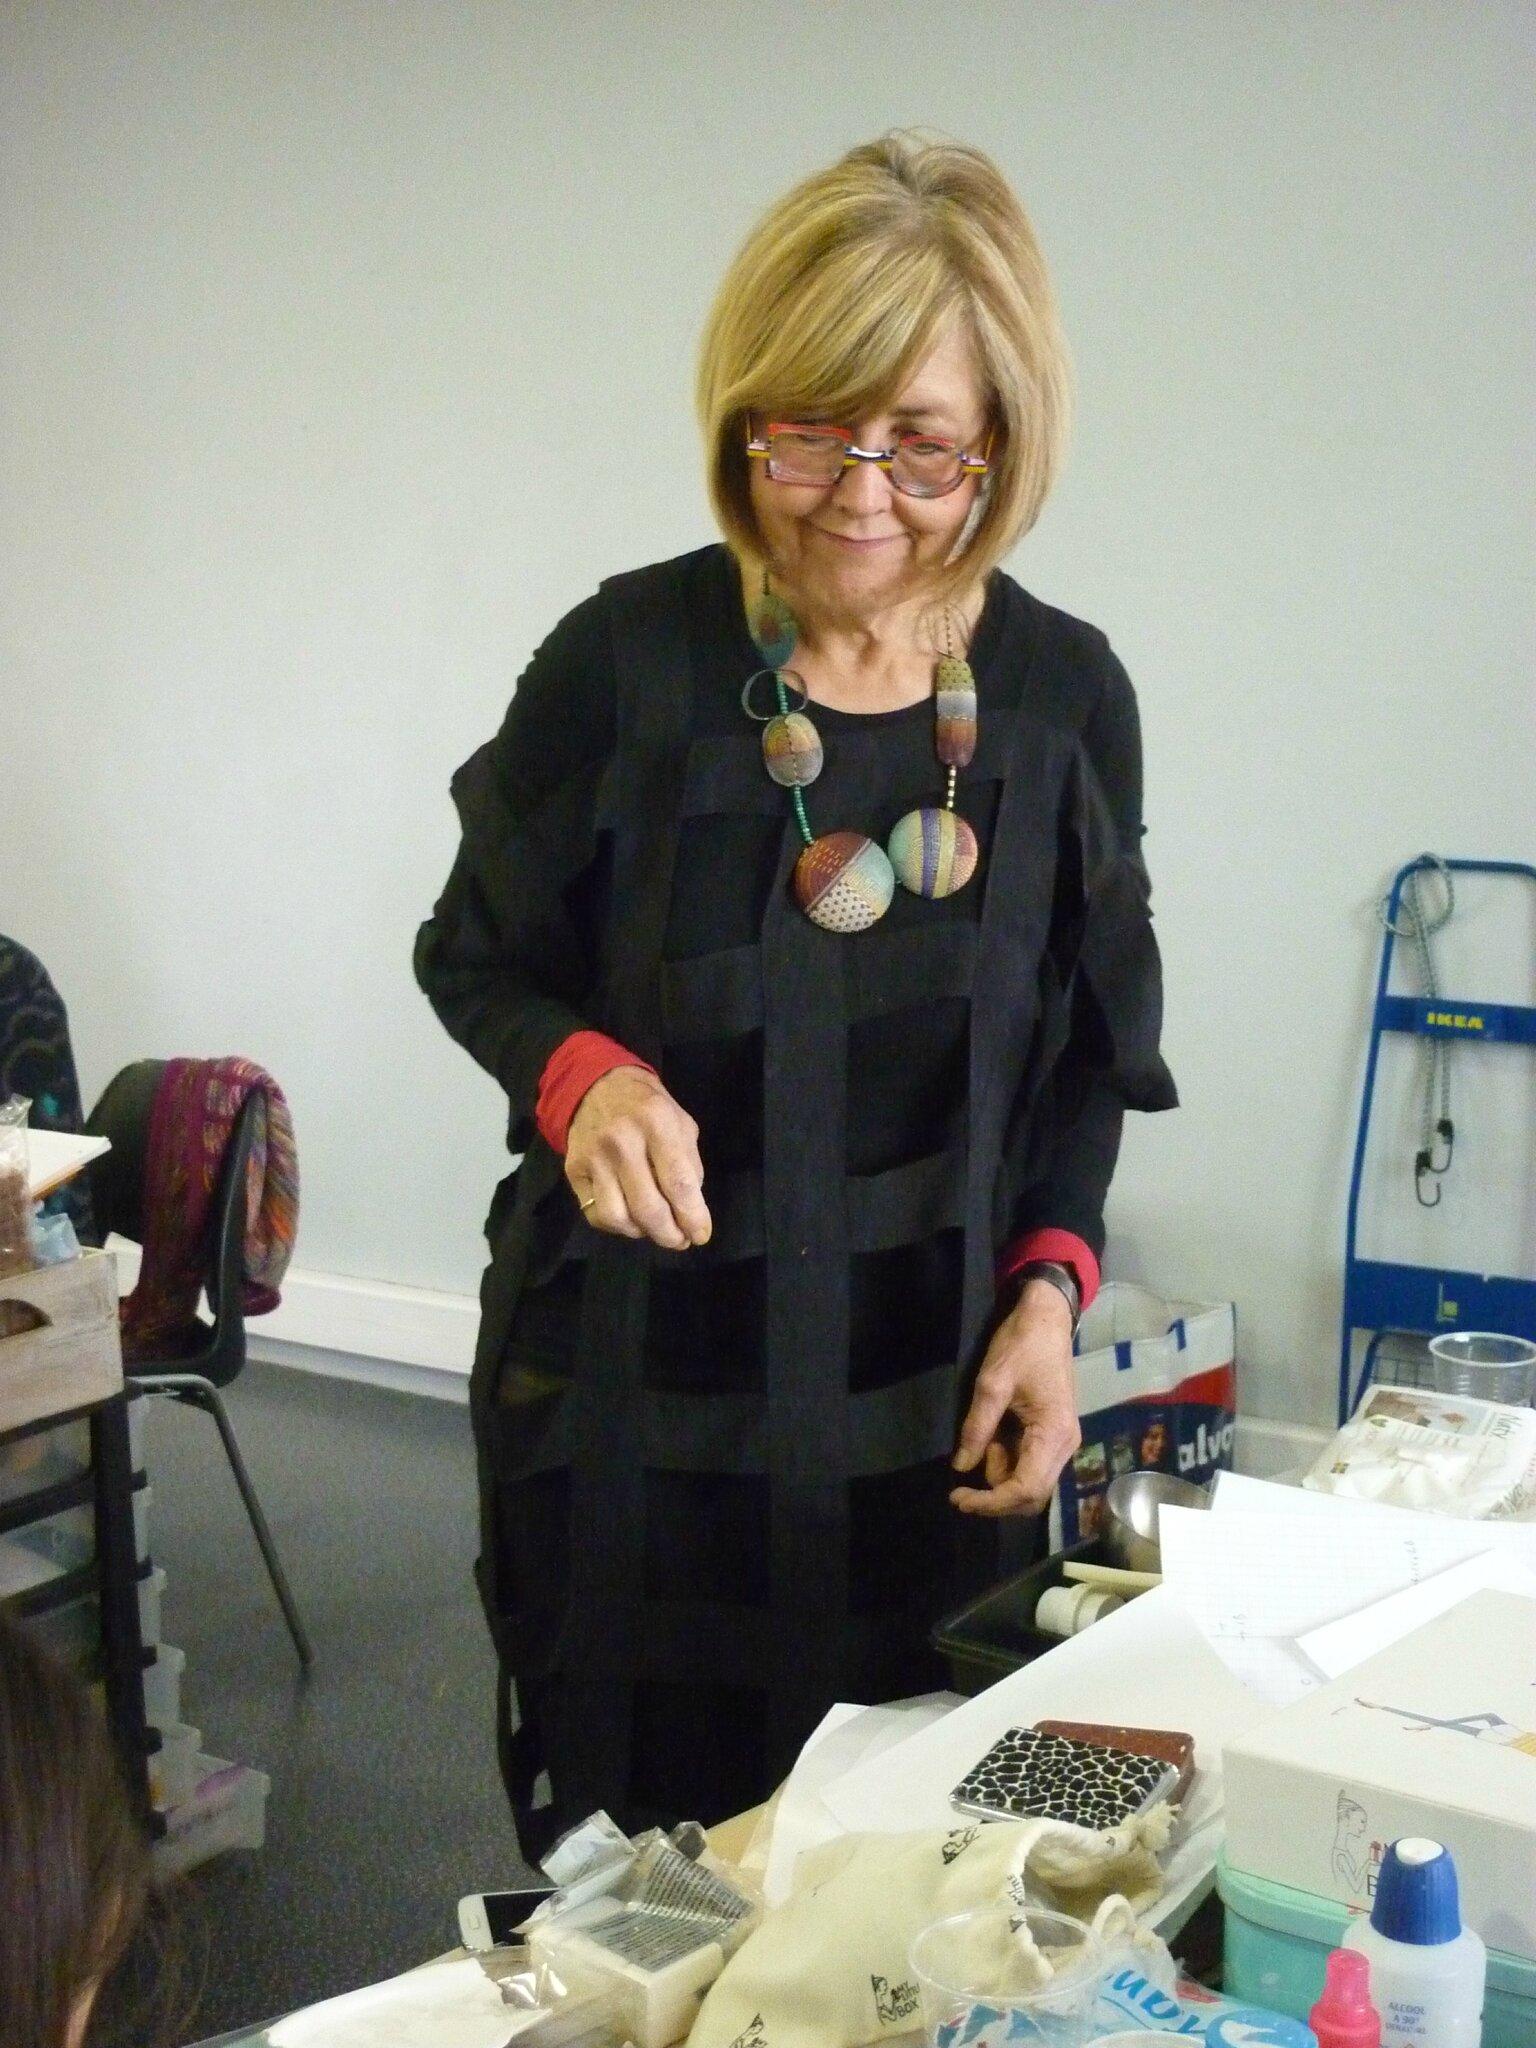 Kathleen Dustin, Verneuil sur Seine, 05 2015